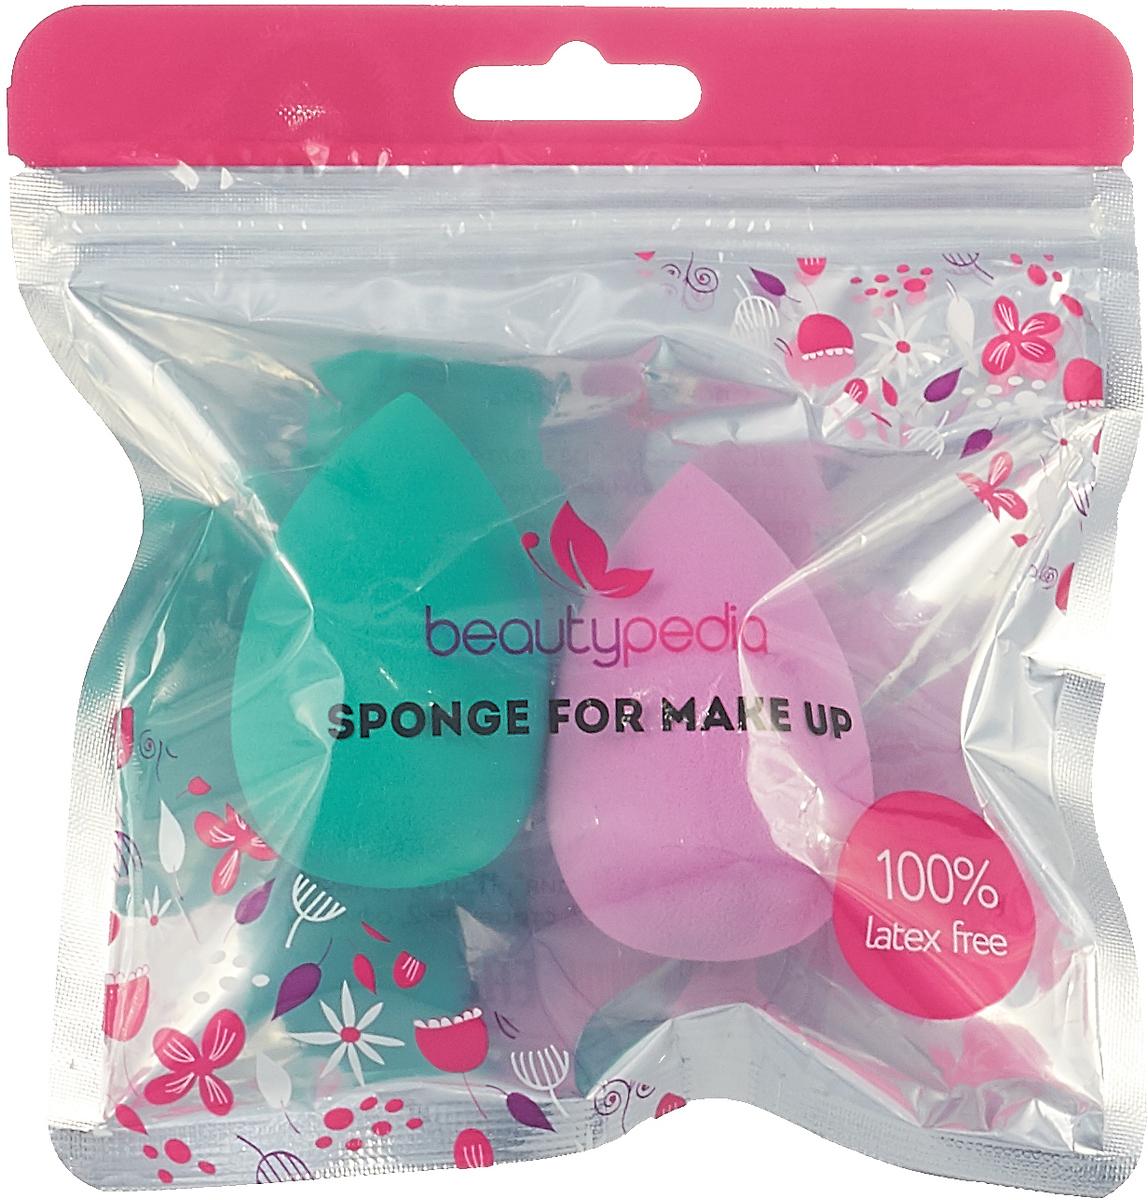 Набор спонжей для макияжа Beautypedia Sponge, без латекса, цвет: розовый, зеленый, 2 шт беседка удачная мебель уют зеленый 329 a 32 bl 329